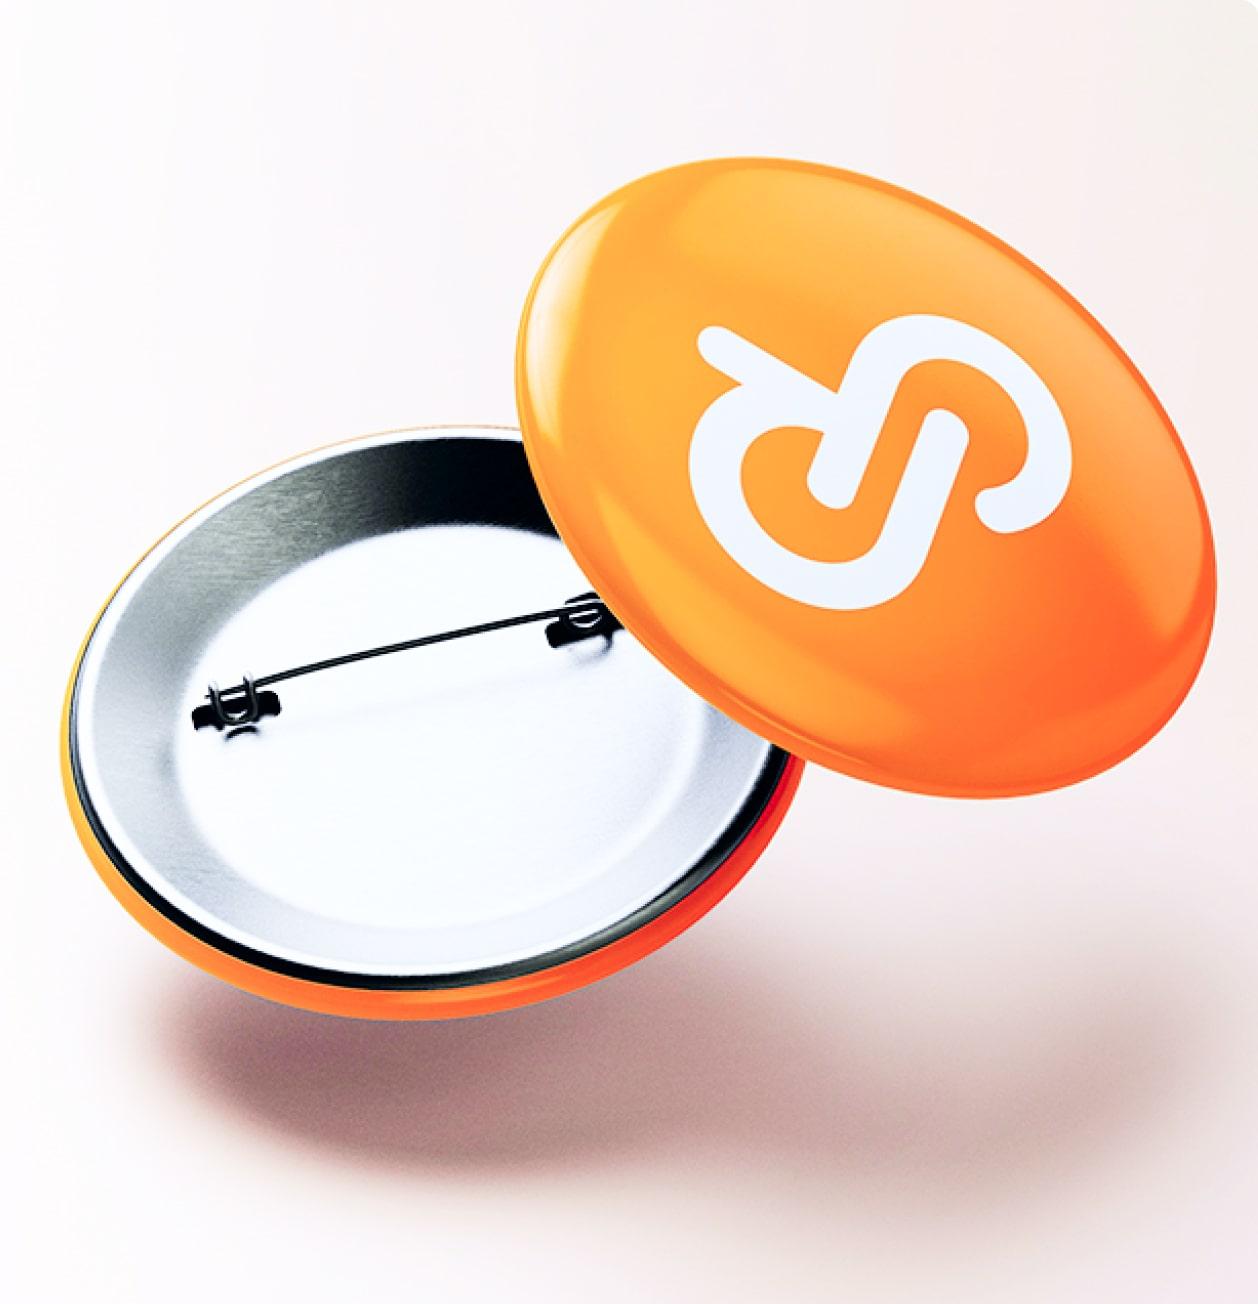 Entirebody logo on a pin